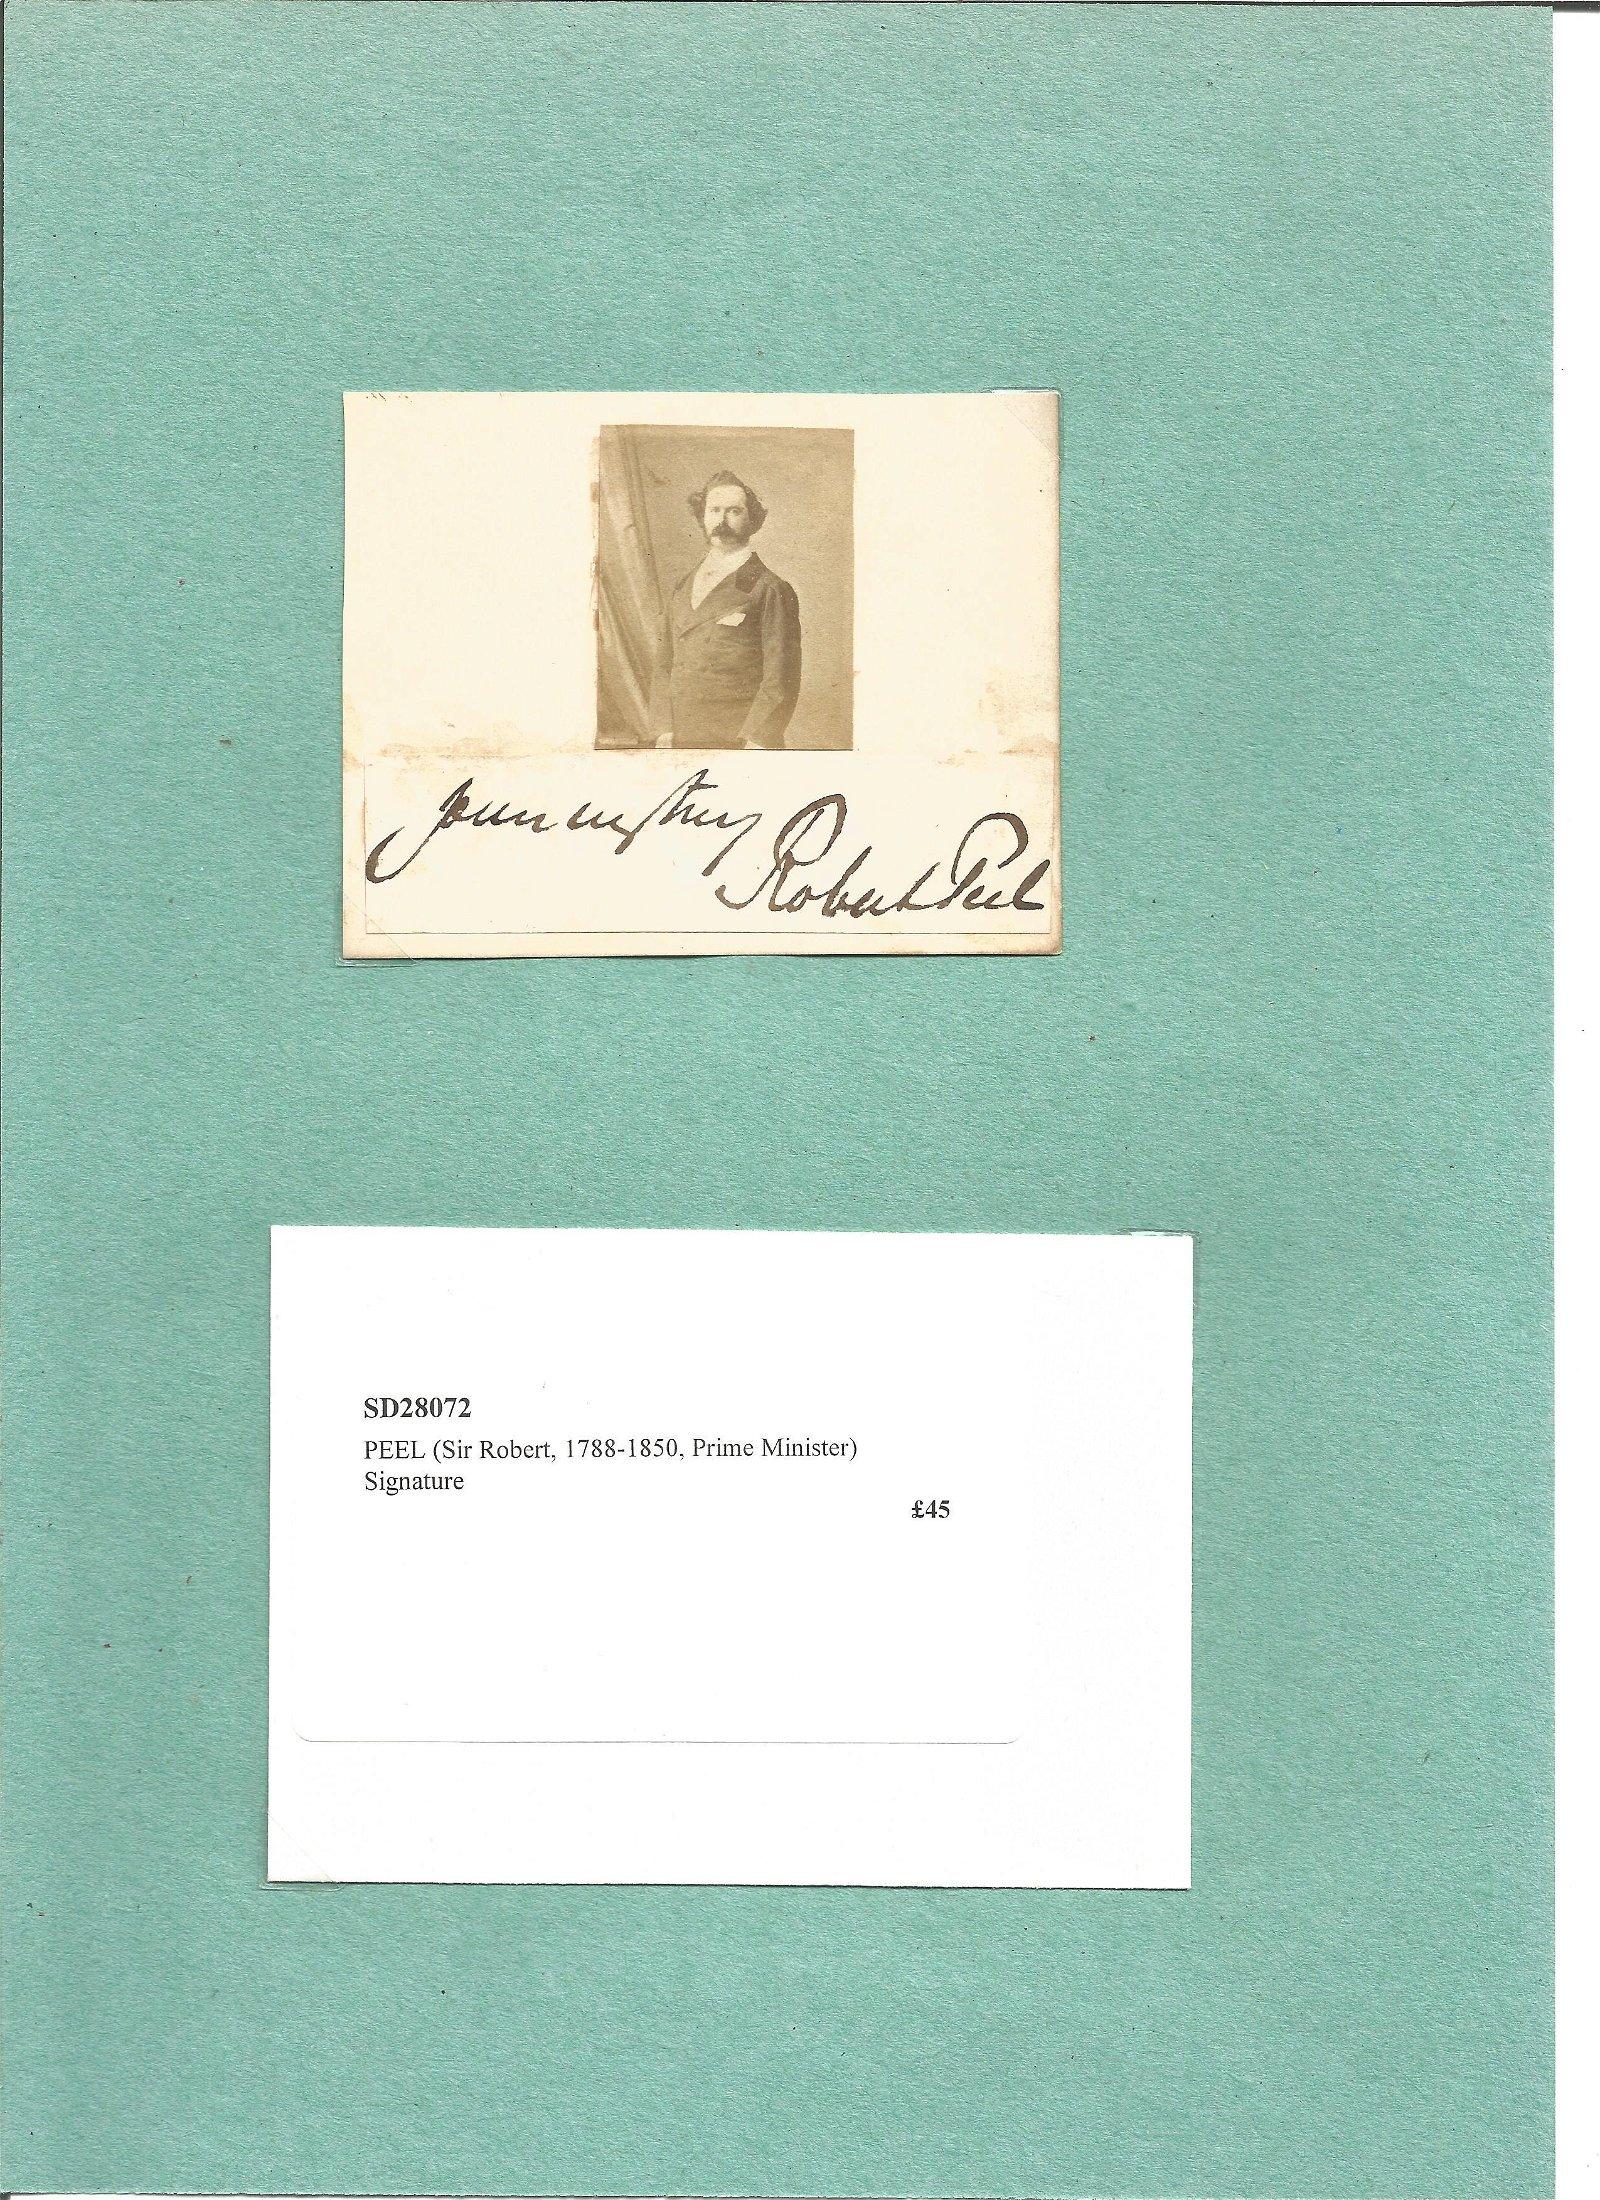 Sir Robert Peel 1788 150 signature piece. PM 1834/35.